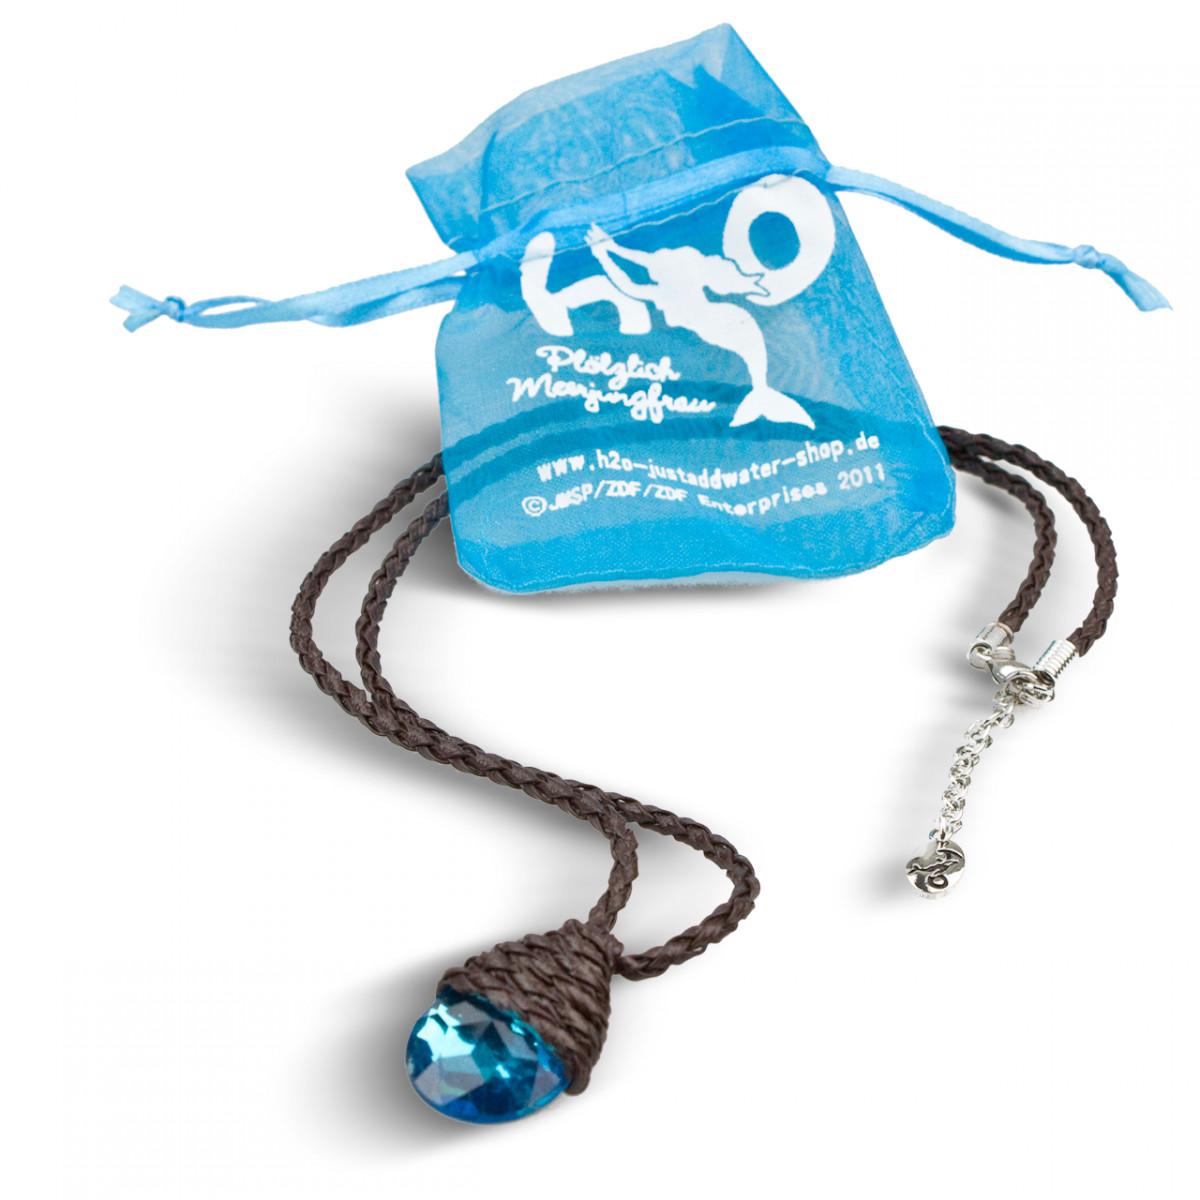 H2o Plötzlich Meerjungfrau Ausmalbilder Frisch H2o Just Add Water Medaillonhalskette Edelbgde Bilder